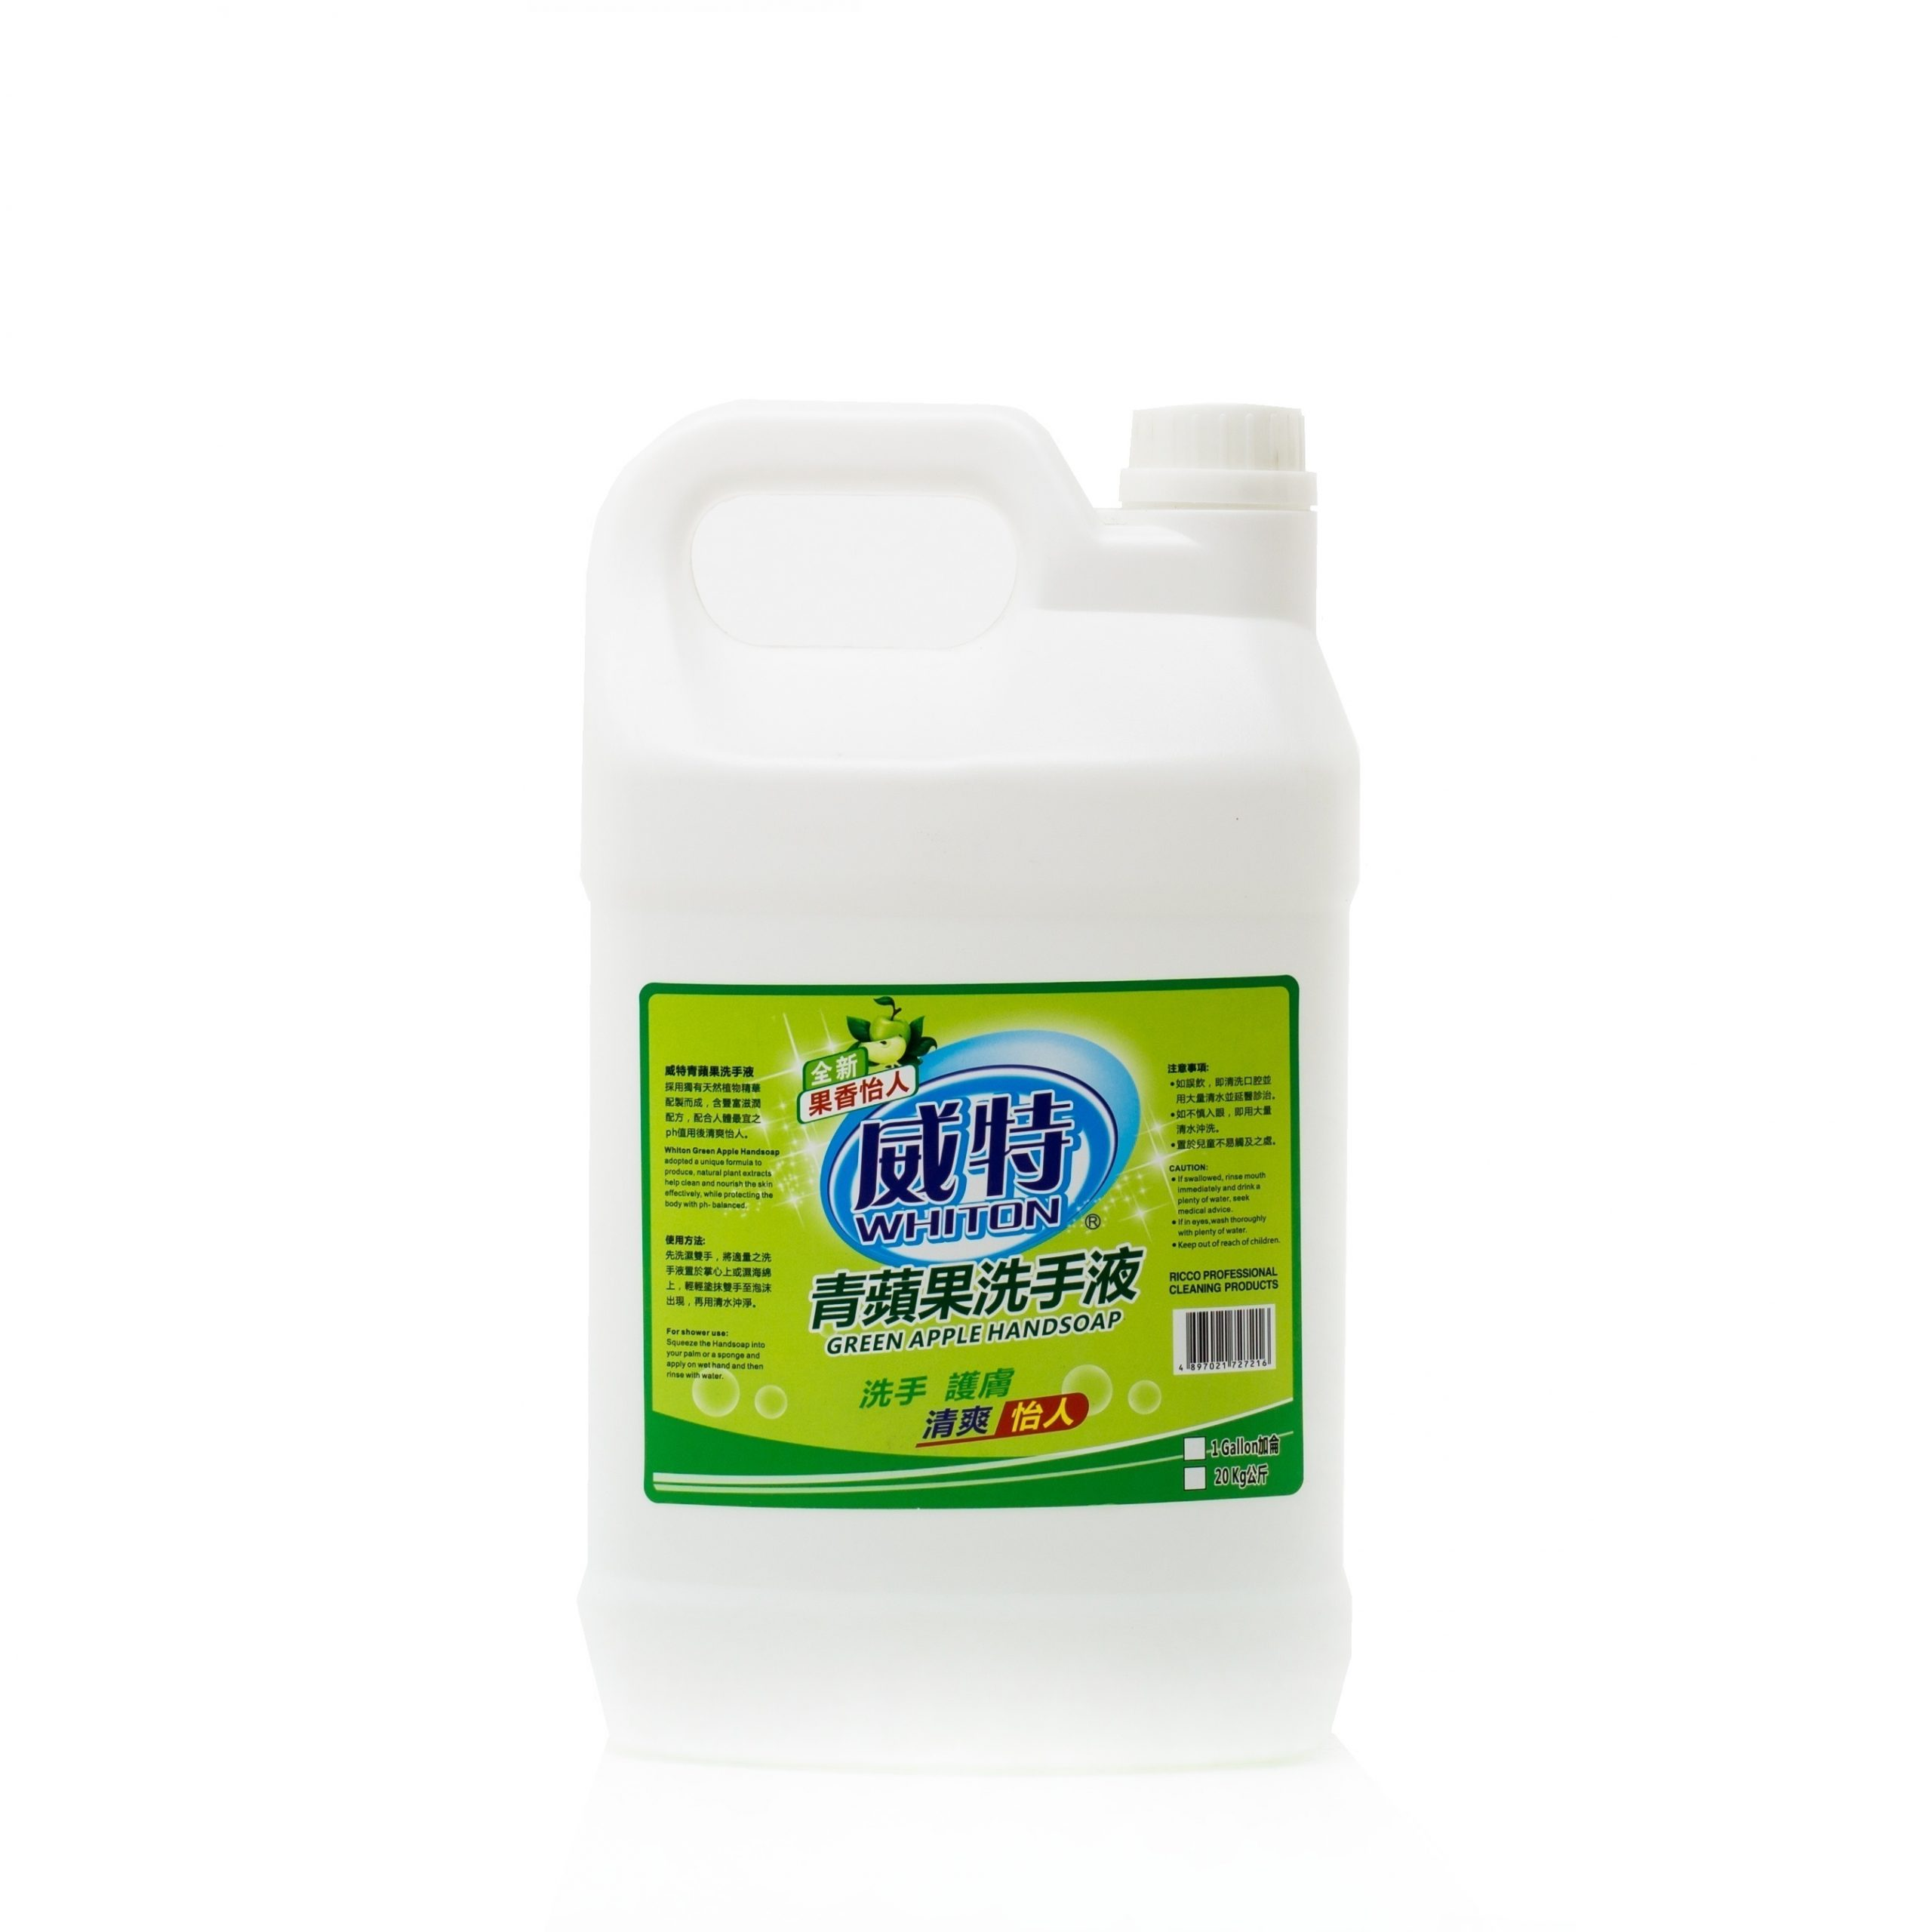 威特青蘋果洗手液(綠色: 加侖裝)